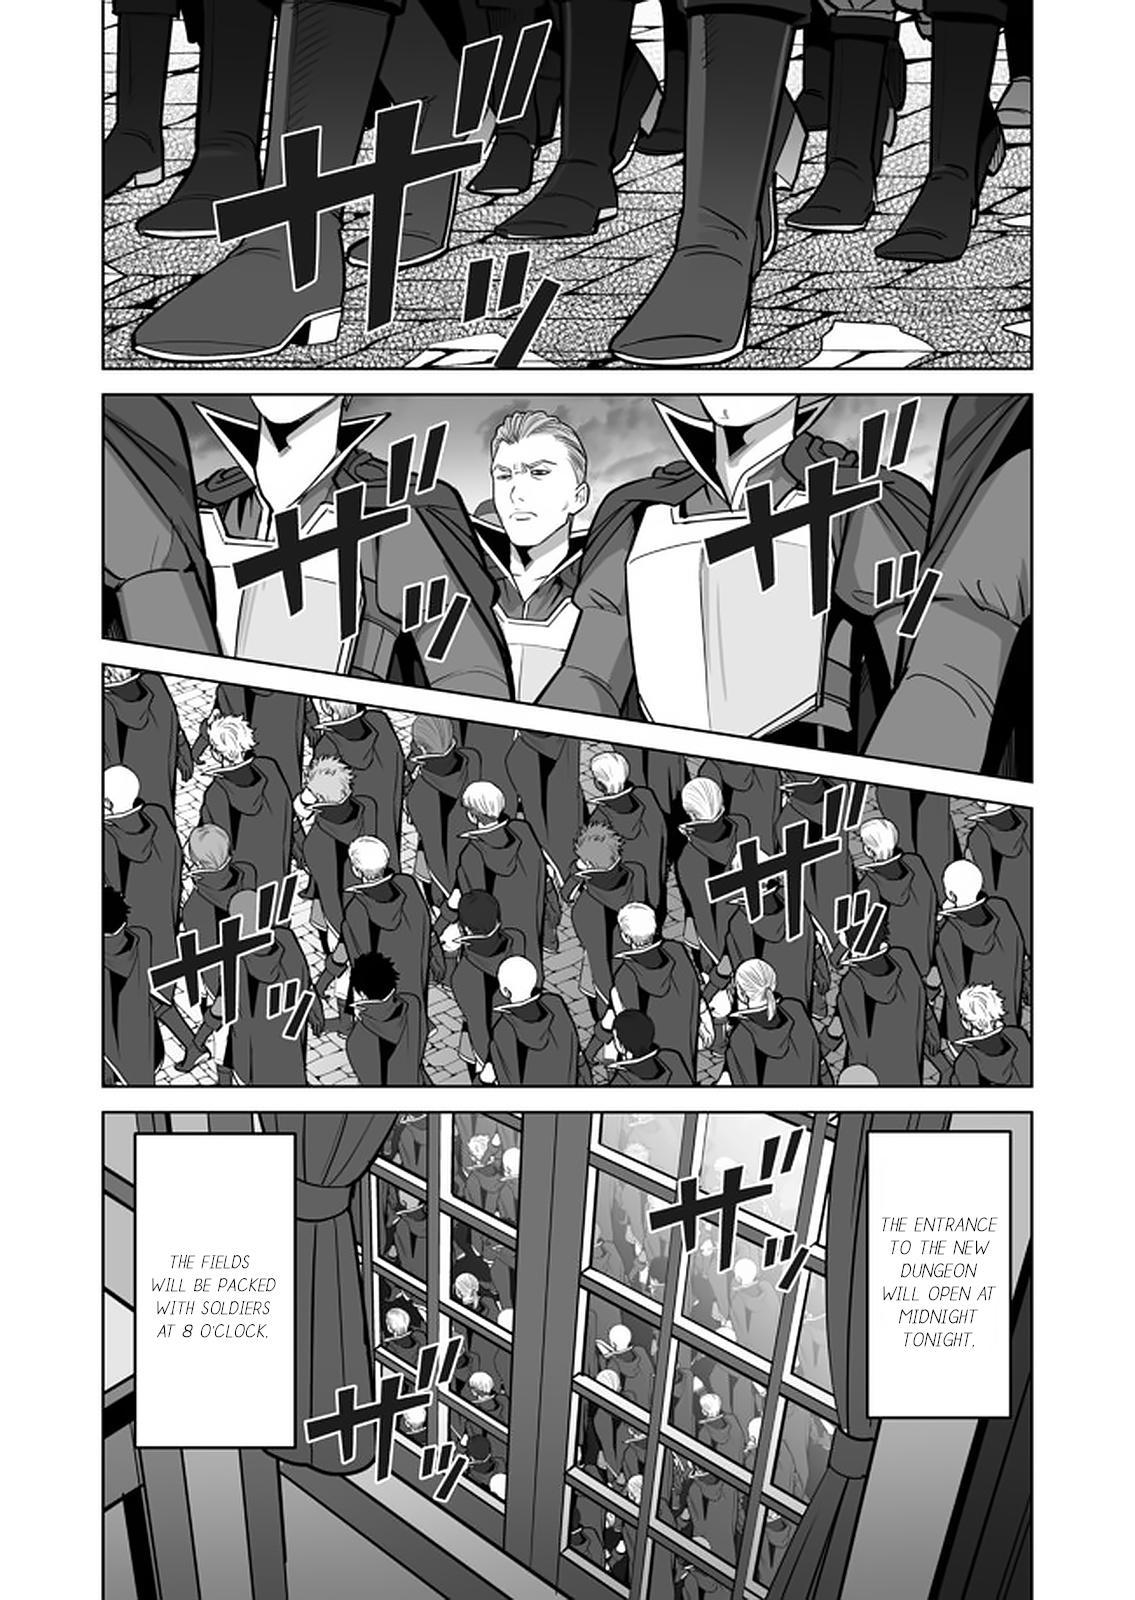 Sen No Sukiru O Motsu Otoko Chapter 36 page 11 - Mangakakalots.com